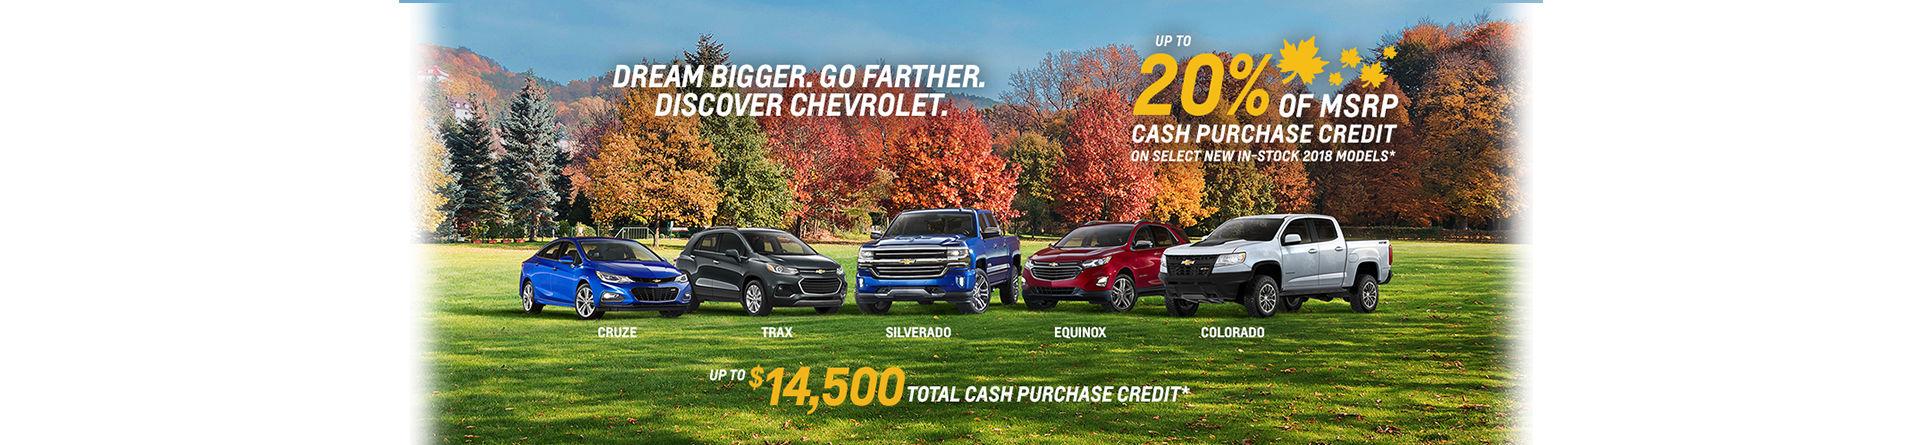 Promotion Chevrolet, 440Chev